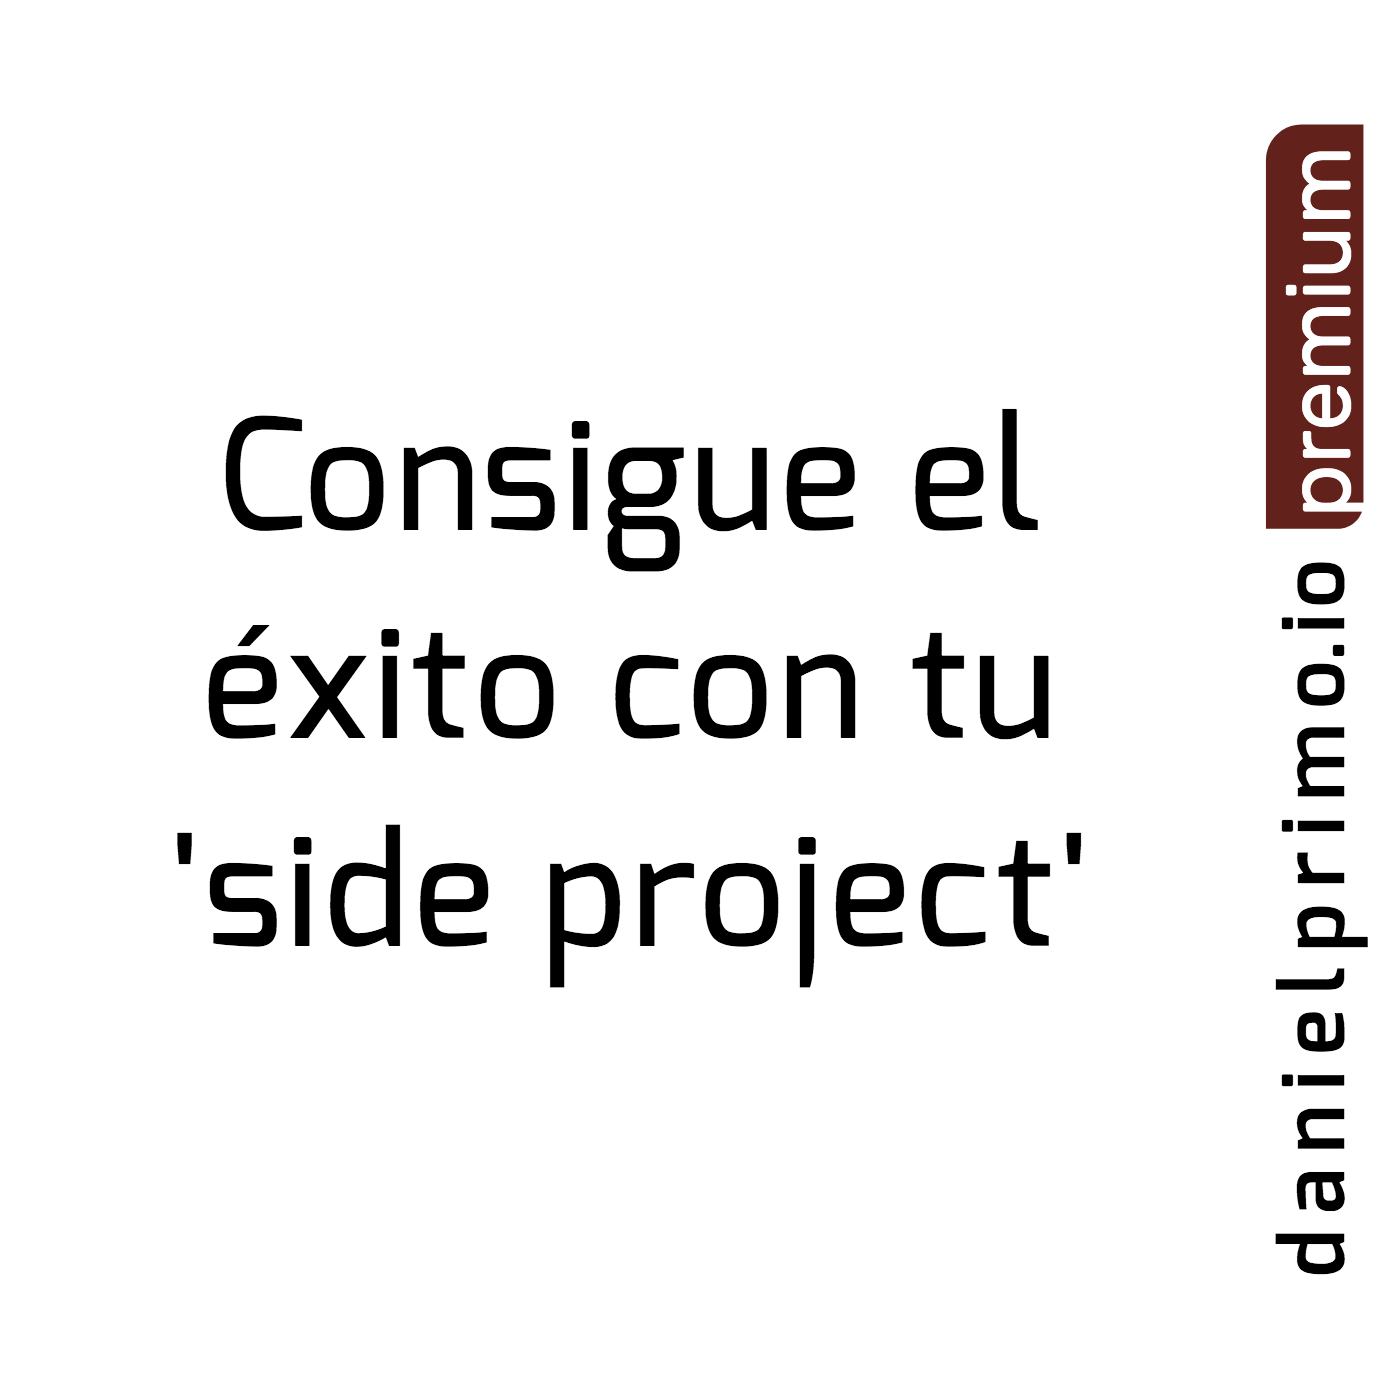 Consigue el éxito con tu side project (próximamente)